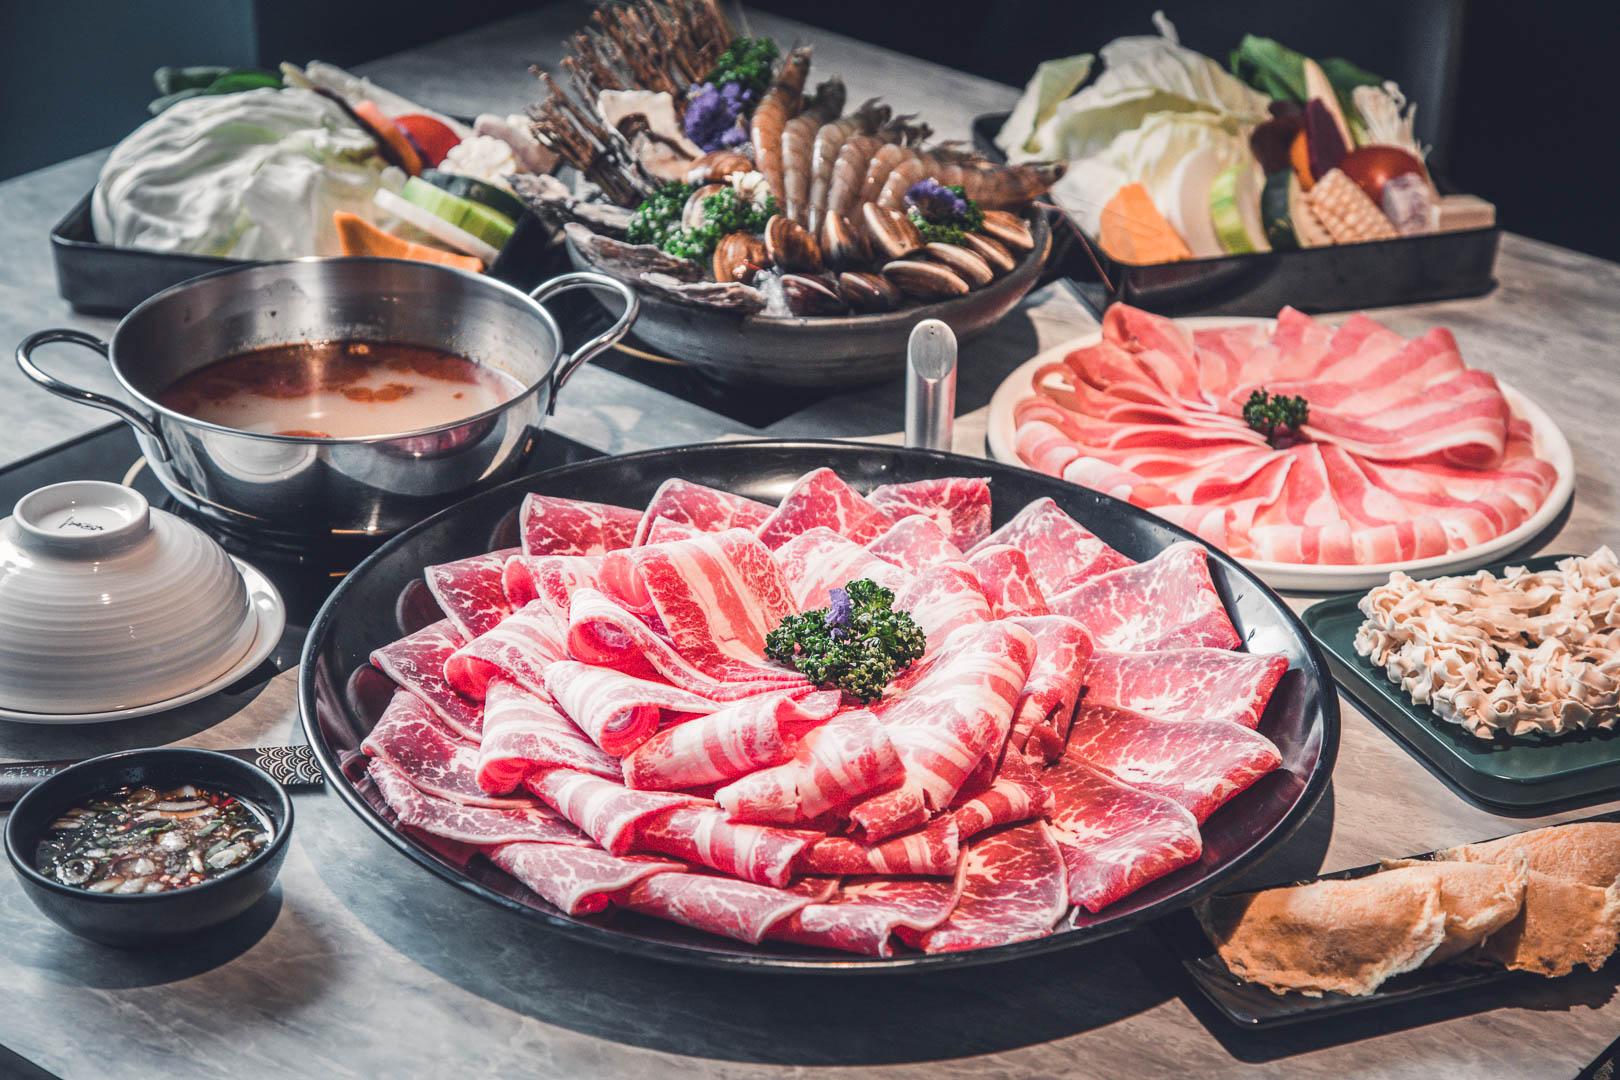 [內湖美食]山鍋物(團緣涮涮屋)內湖鍋物第一首選!超巨大肉盤海鮮盆,飽到翻肚!